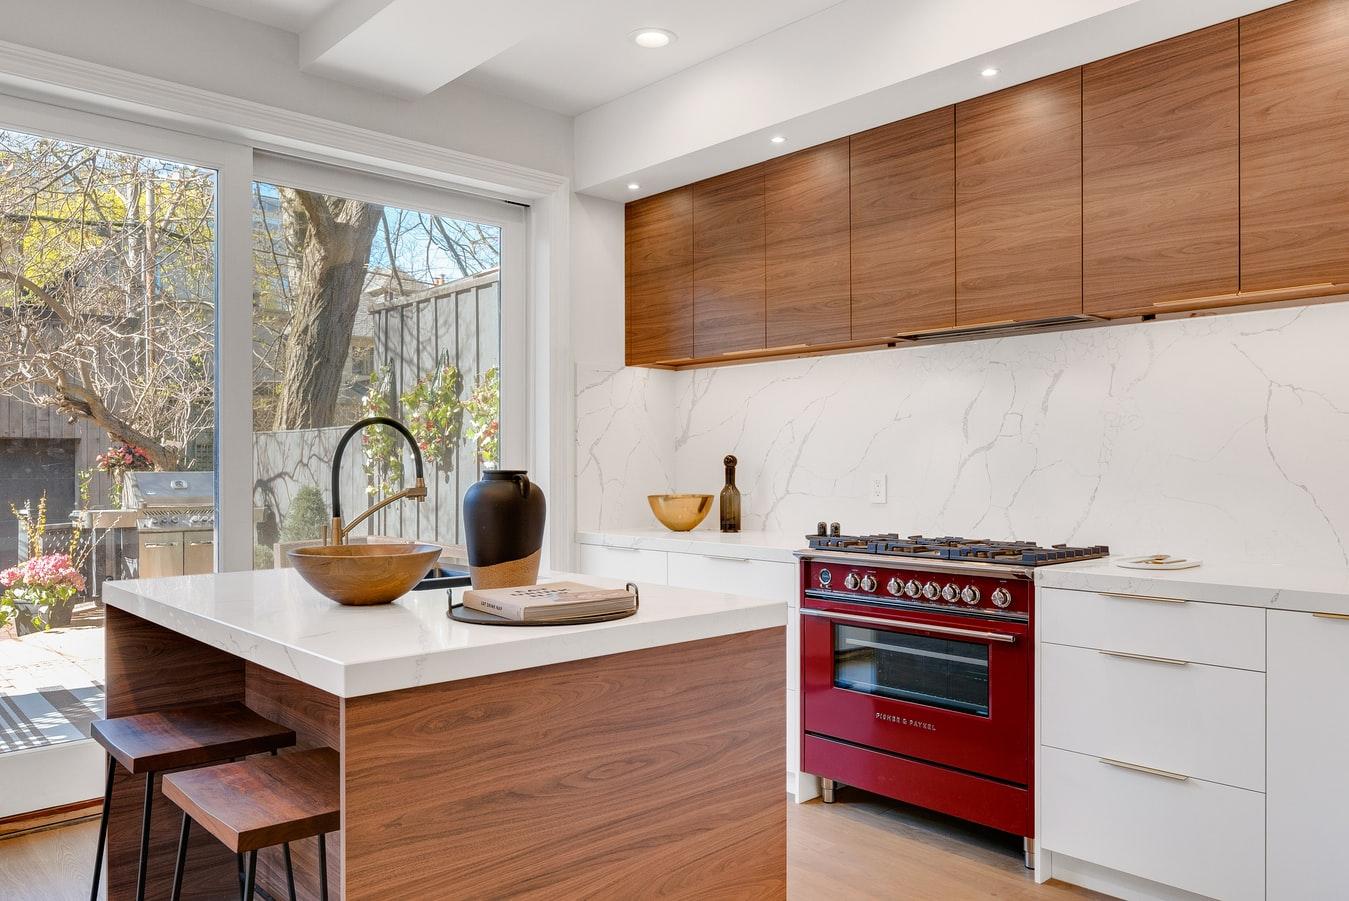 Encimeras blancas con una cocina roja contrastante.